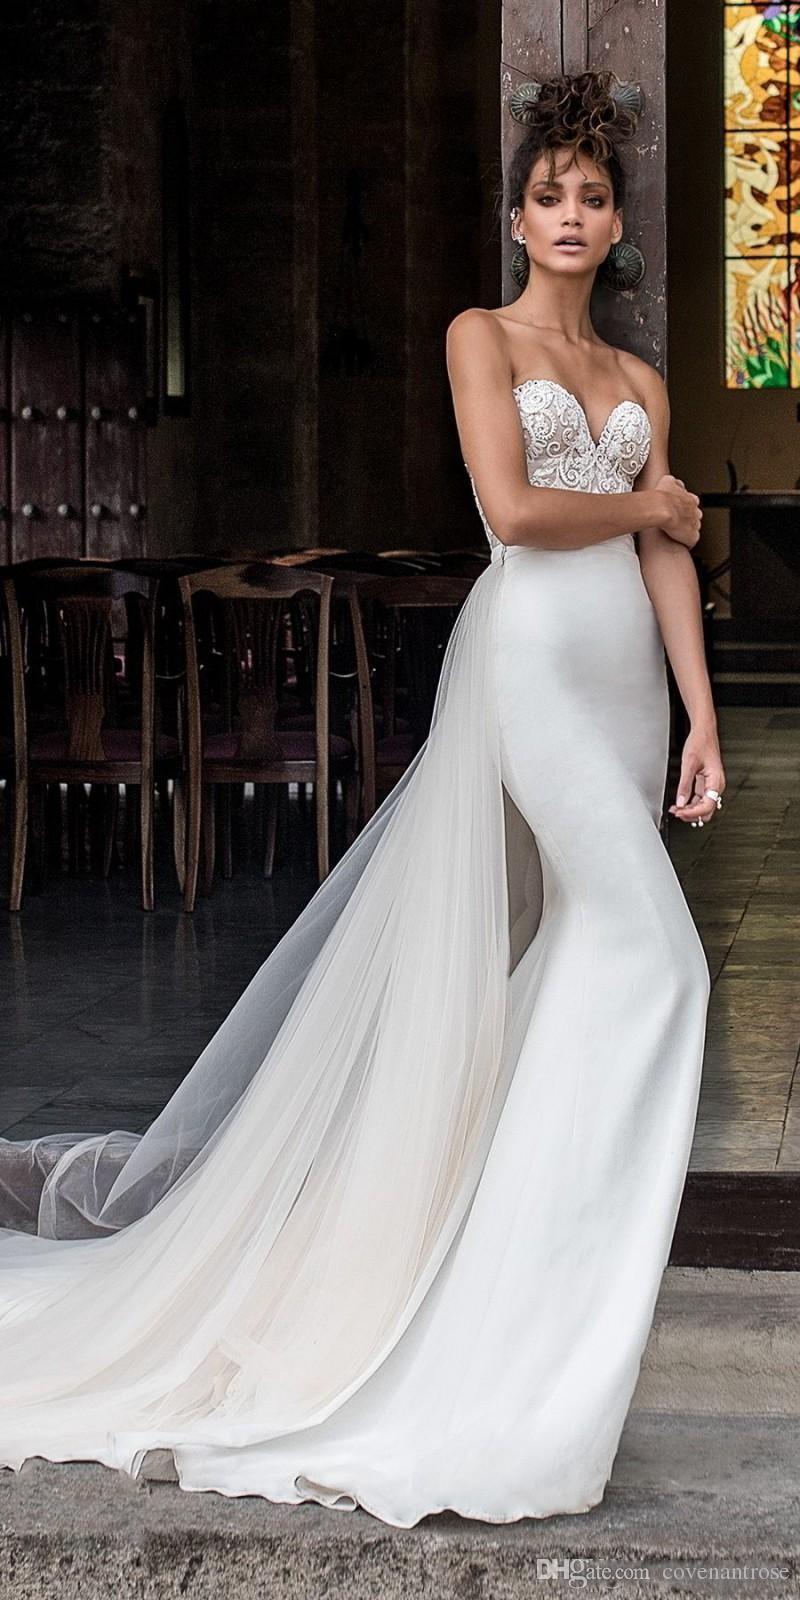 2018 Mermaid Julie Vino Brautkleider Lange Schatz-Spitze Appliqued Backless Satin Brautkleider vestido de novia